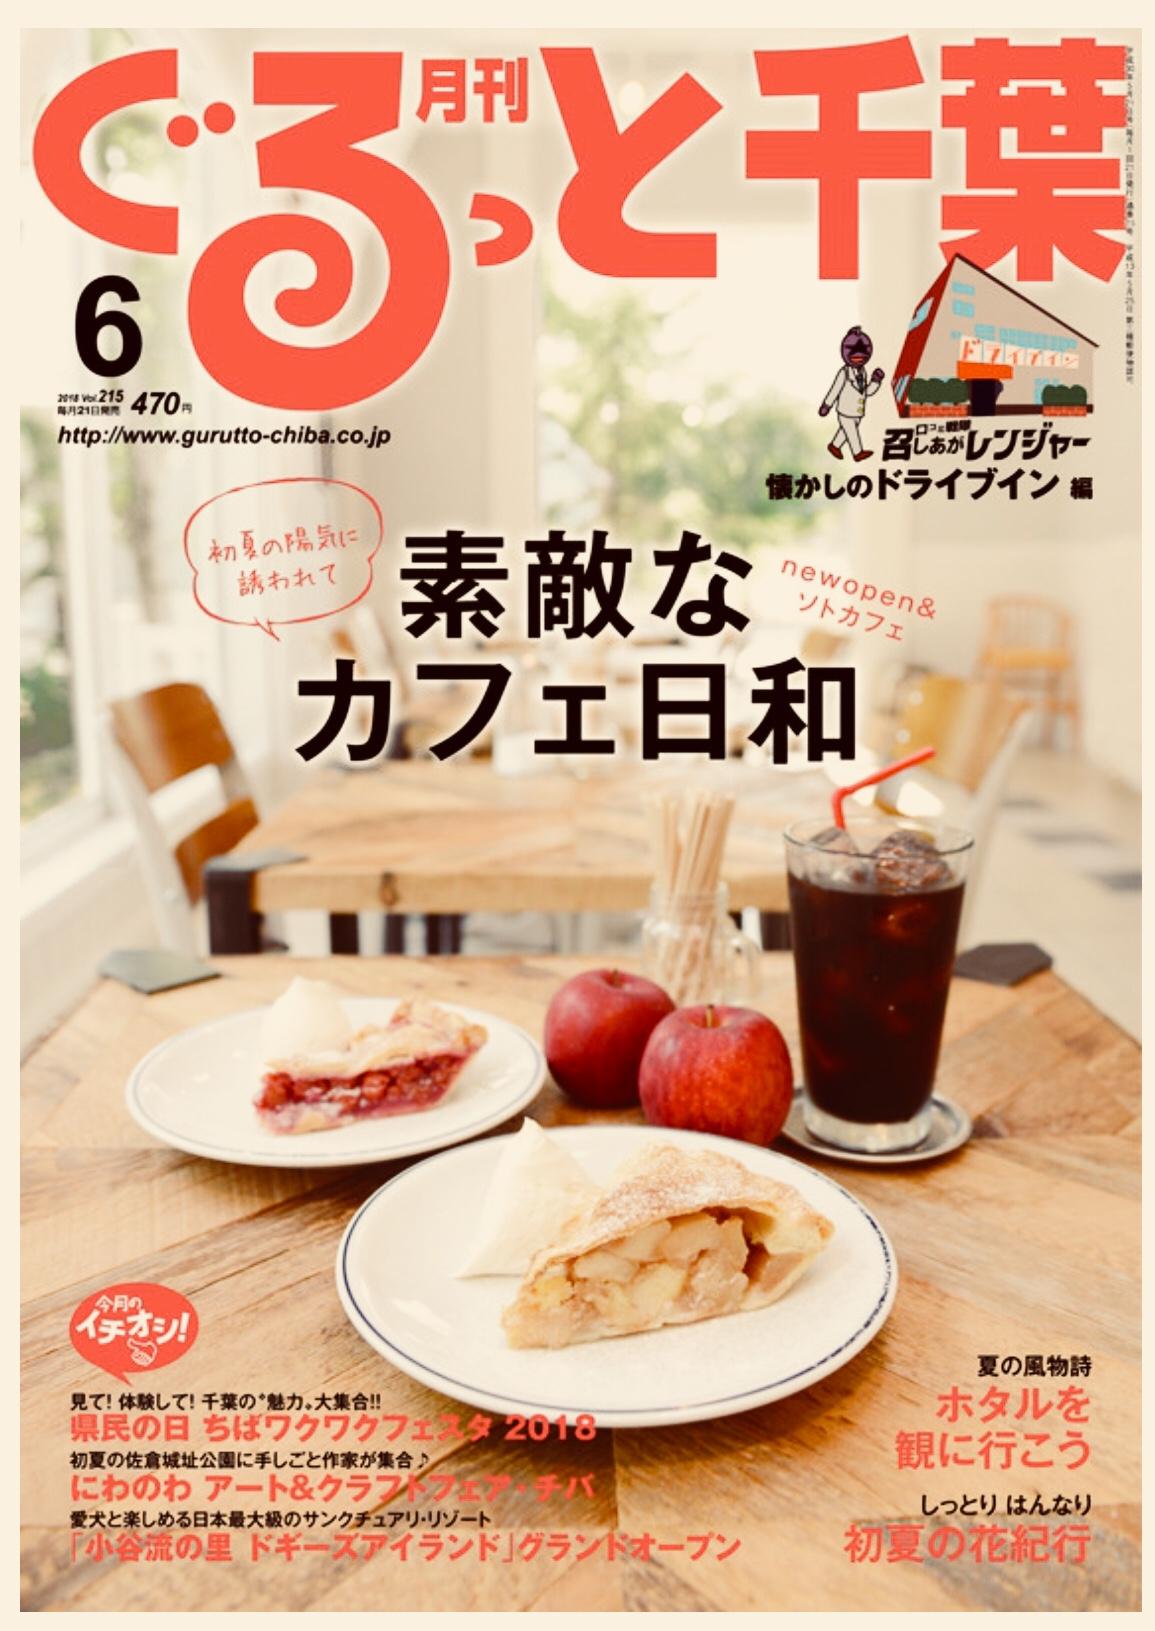 月刊ぐるっと千葉6月号